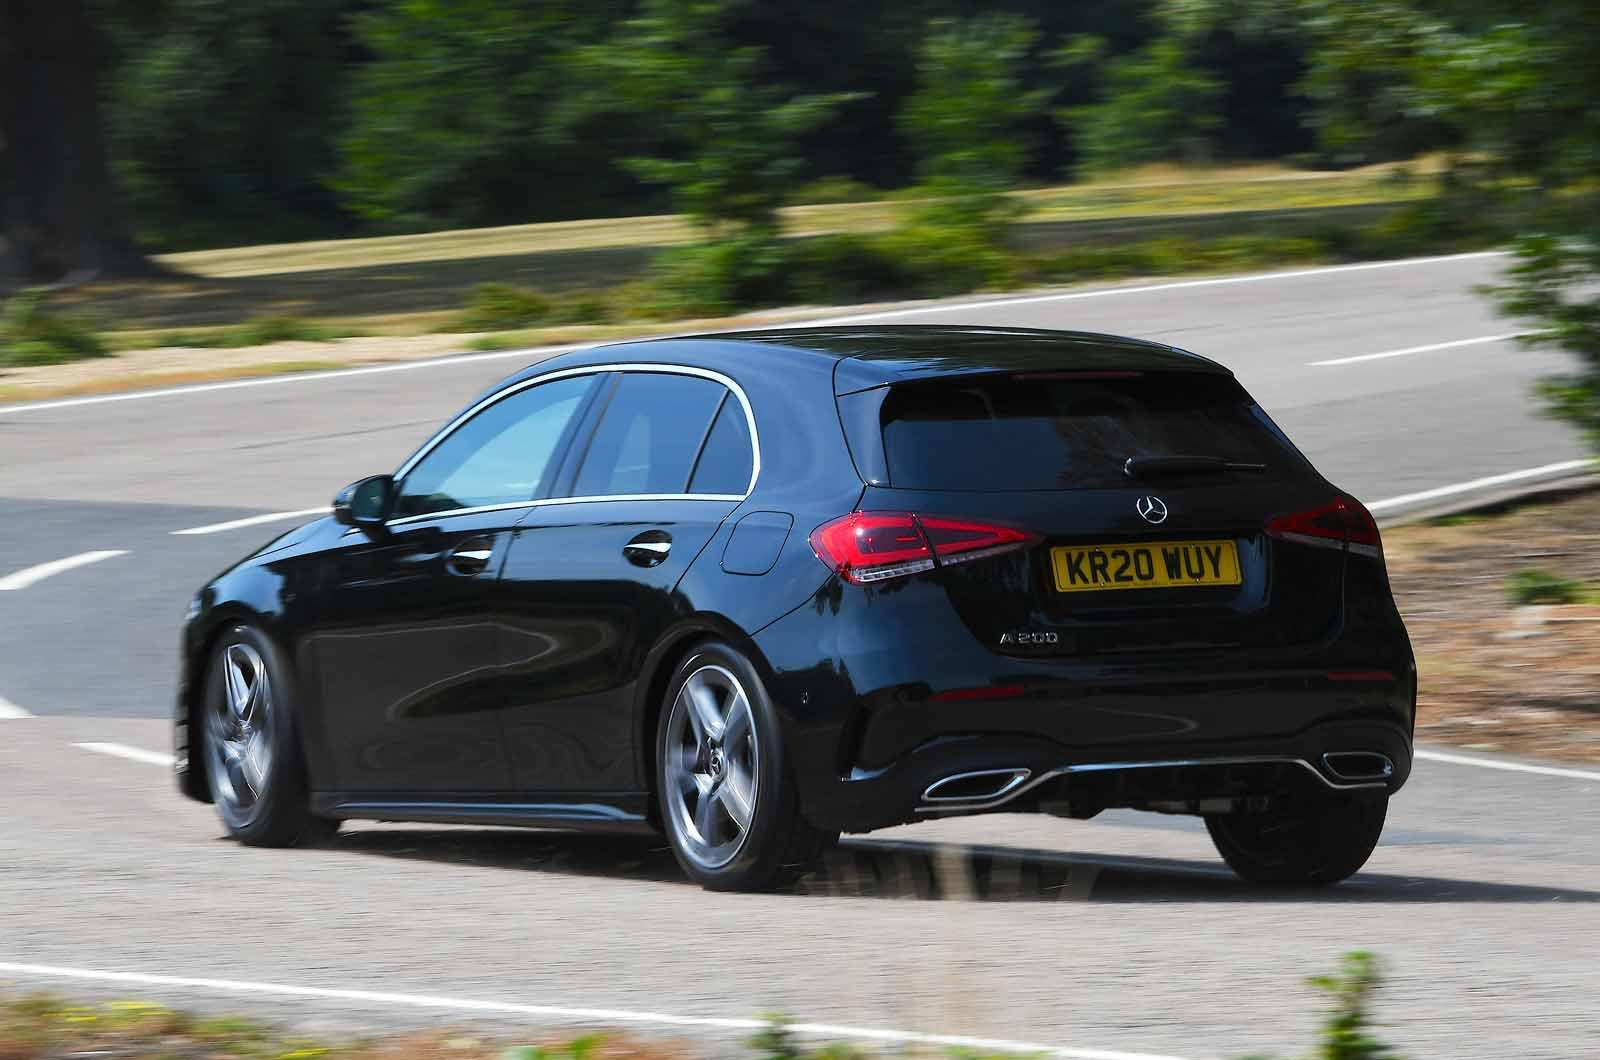 Mercedes A-Class rear